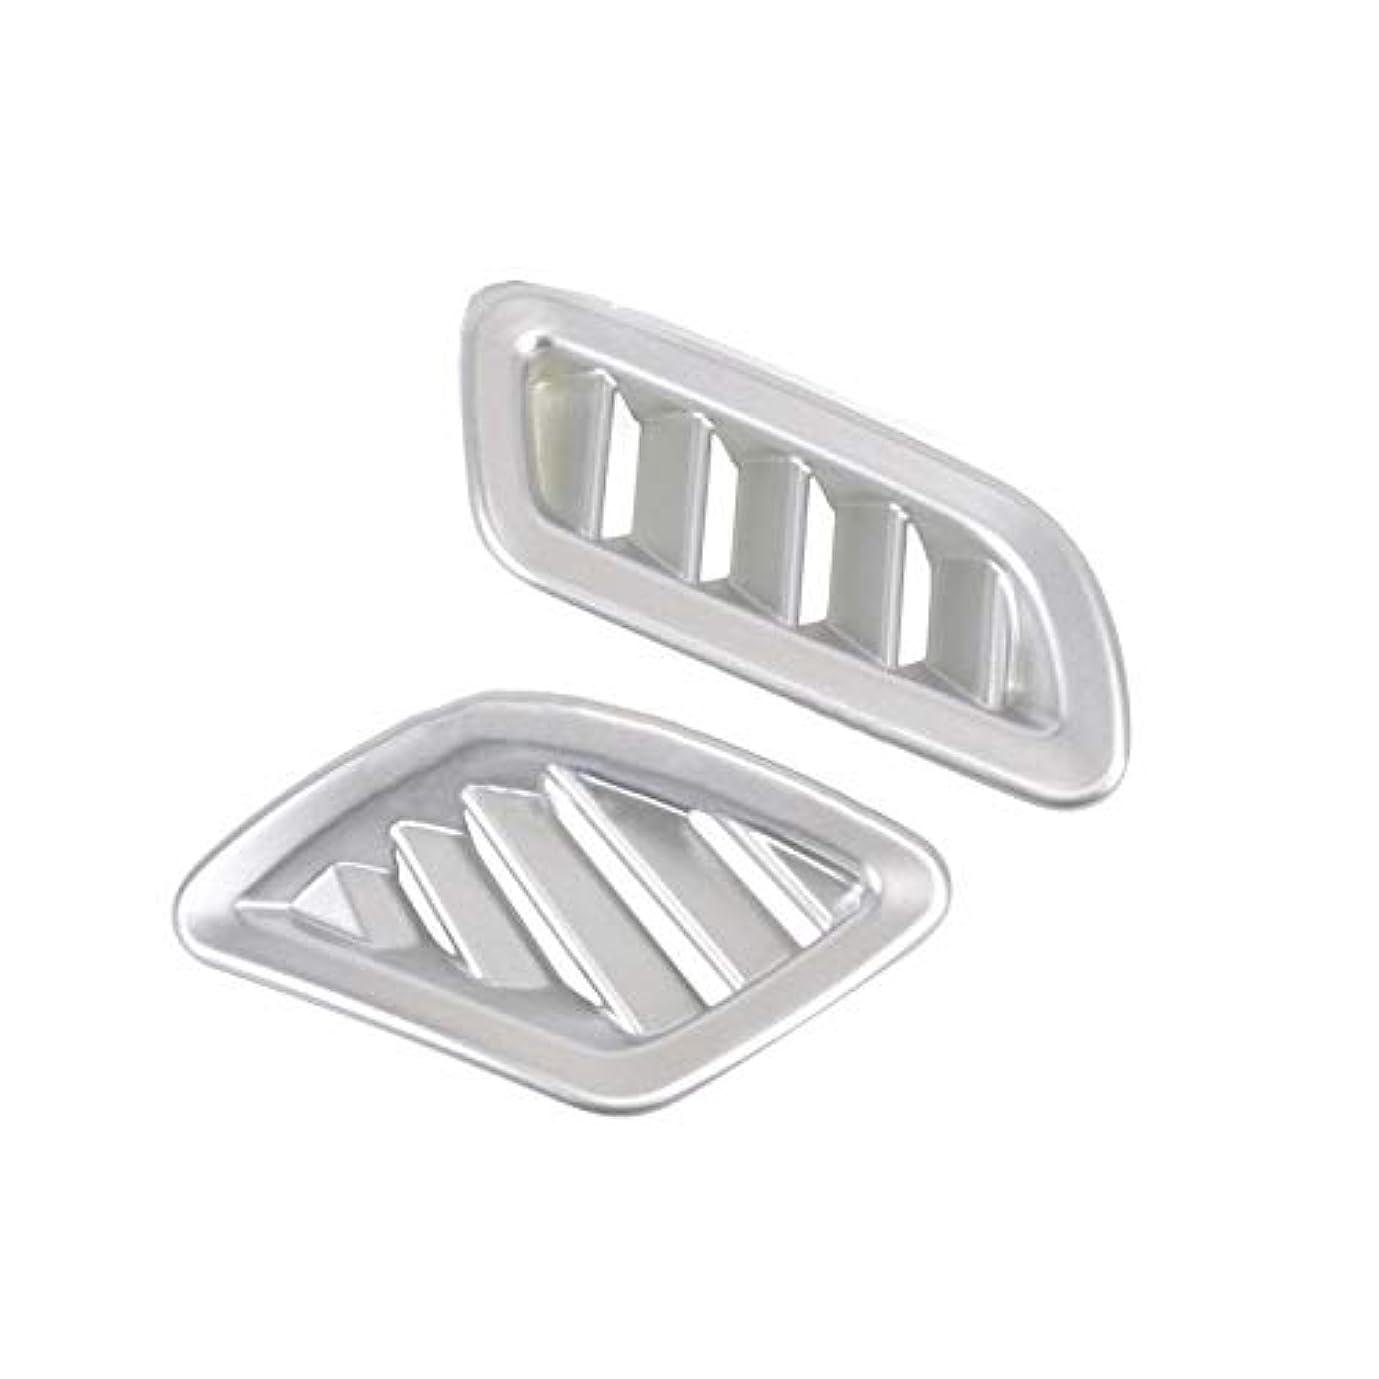 容器涙気まぐれなJicorzo - Car Interior Dashboard Vent Cover Trim Sticker Car Interior Styling Accessory For Jeep Renegade 2016-2017 Car Part Decoration